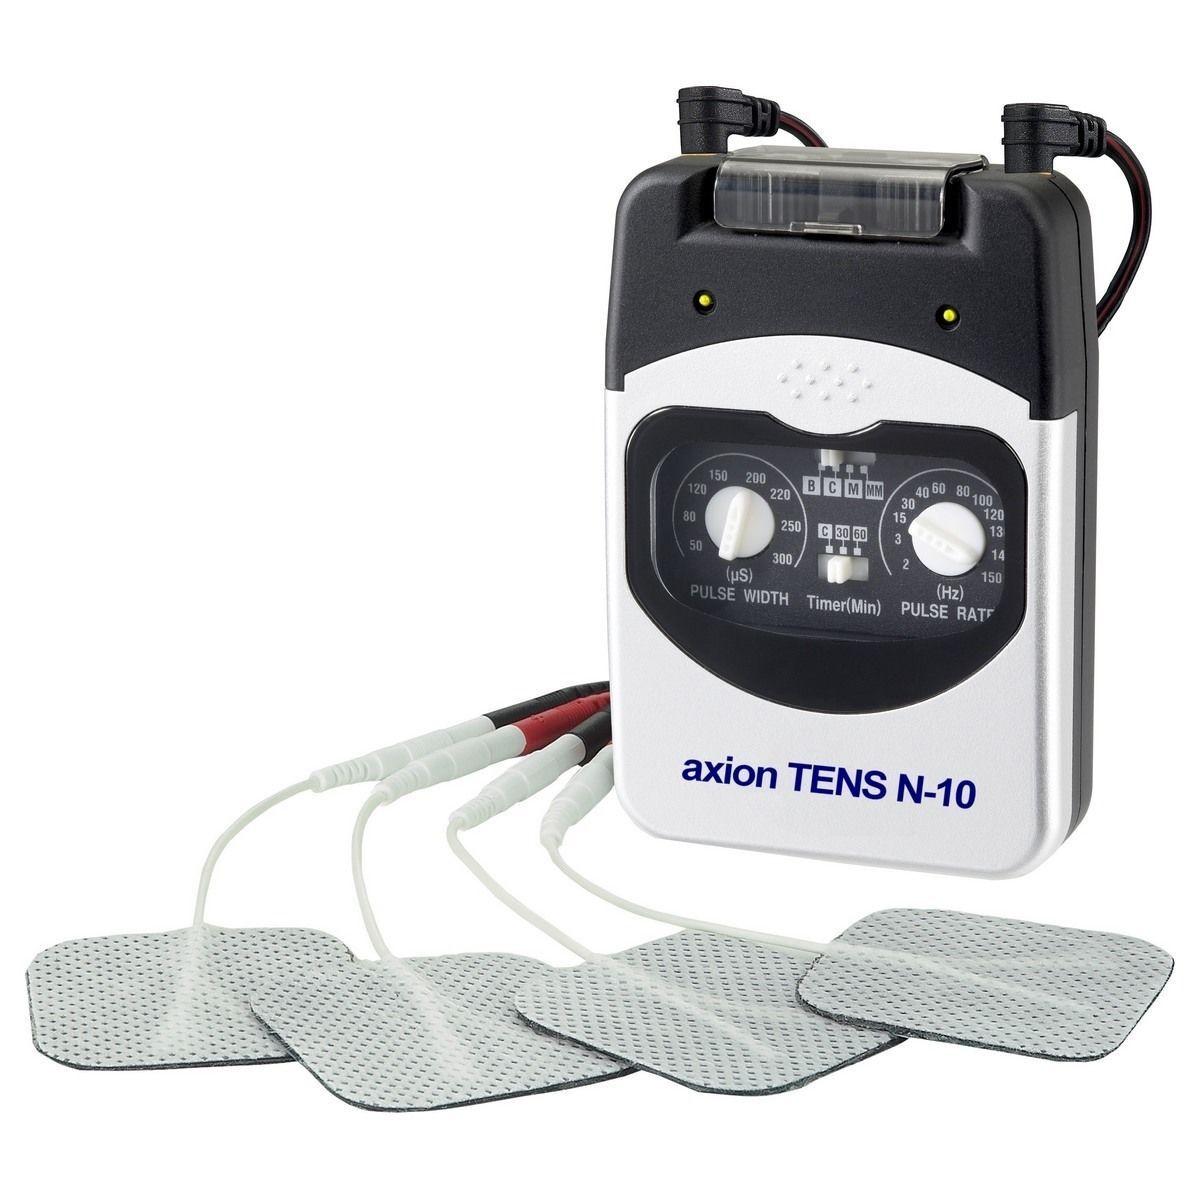 Electrostimulateur TENS anti-douleur 2 canaux - 4 modes TENS - 4 électrodes